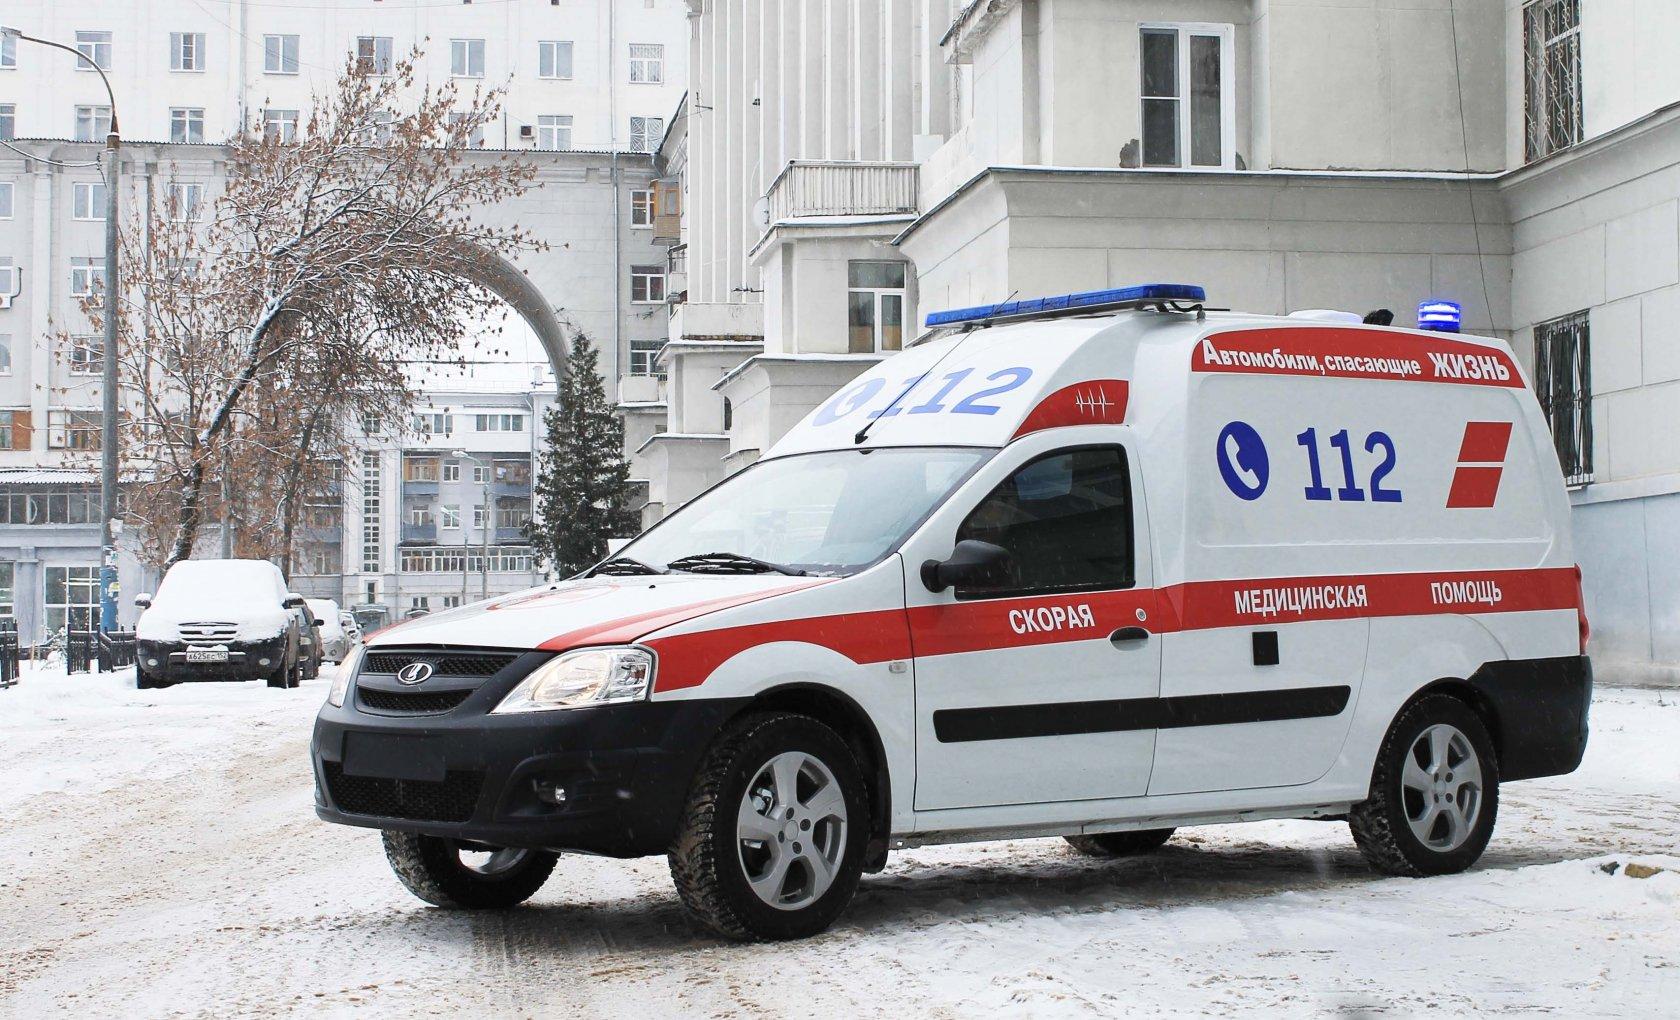 Акция в автосервисе для медицинских учреждений и медицинских работников - владельцев автомобилей LADA!